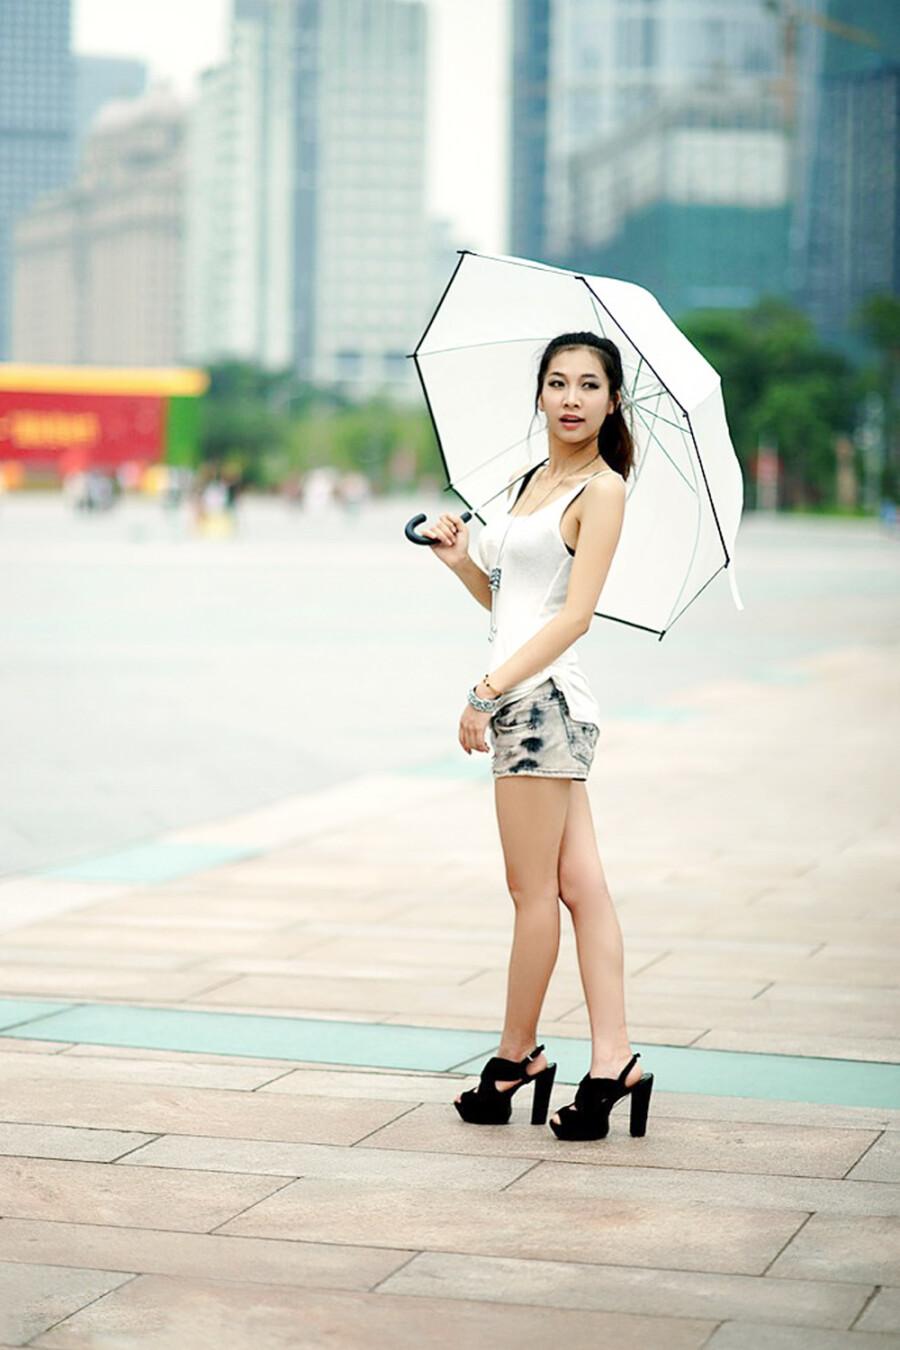 【高清大图;尼玛.短裤再破也性感..】 - 下页 - 下页博客